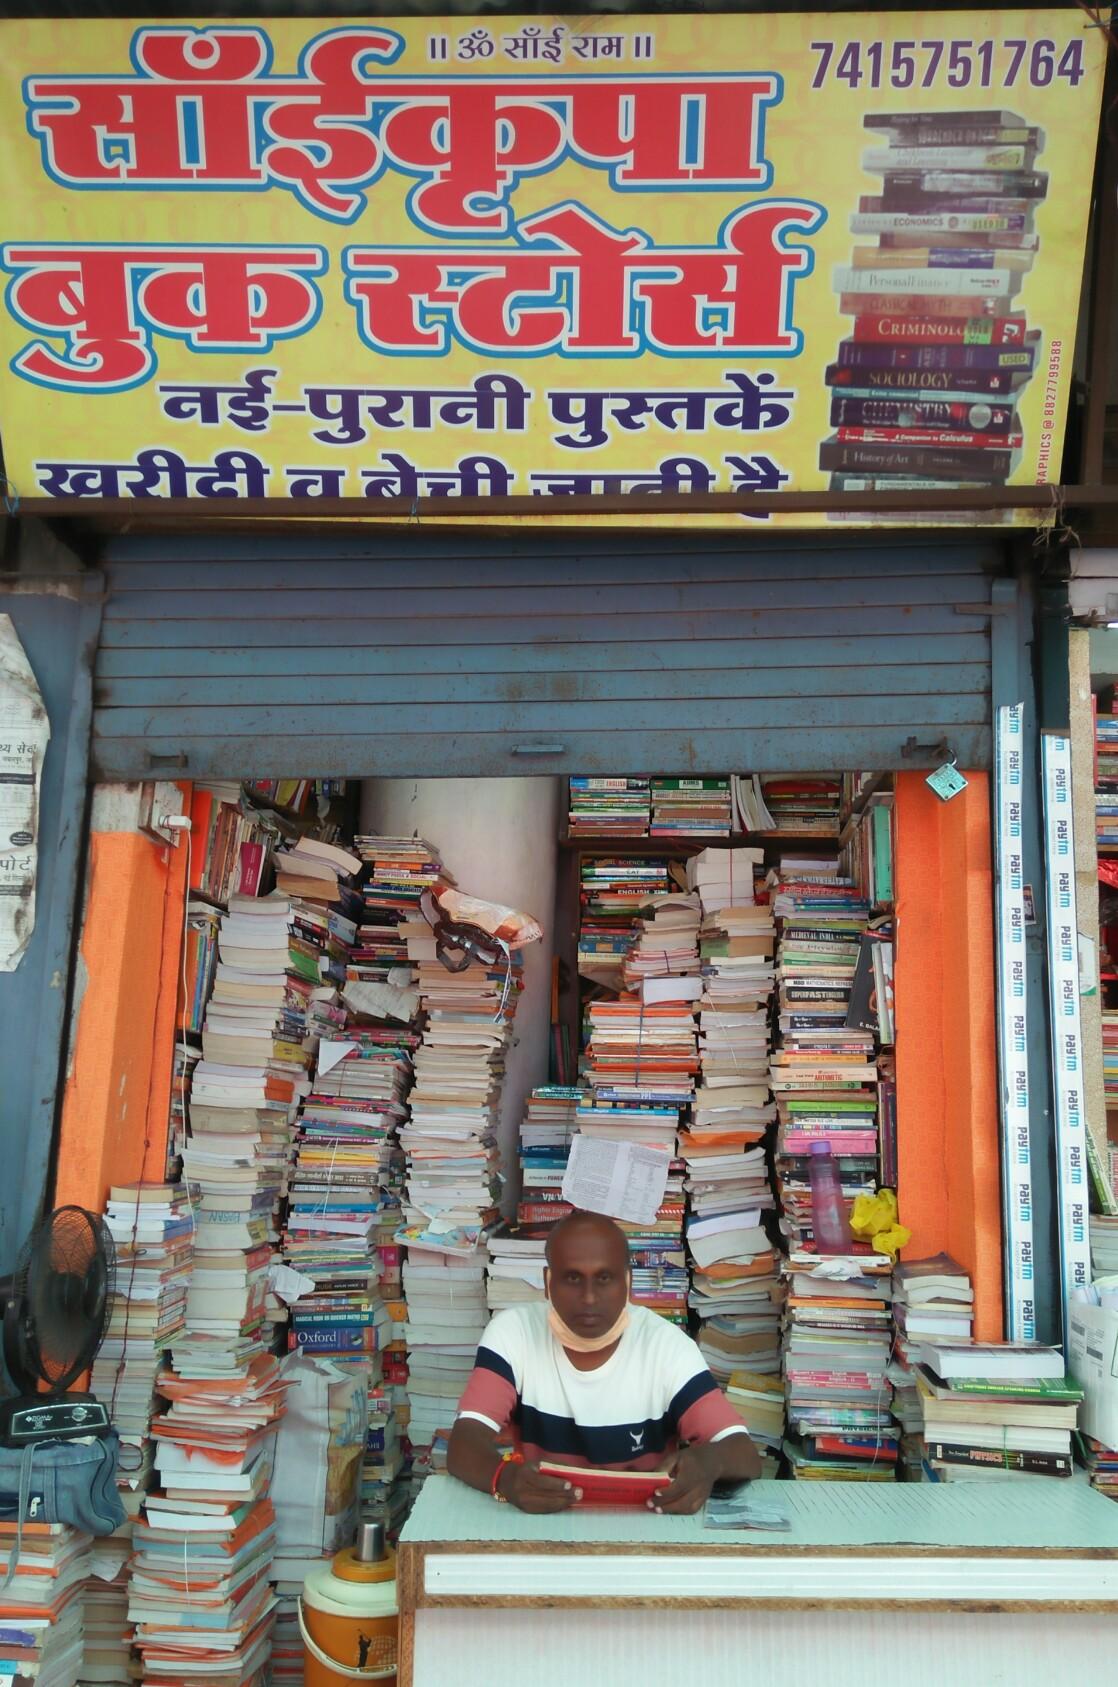 Sai krapa book store